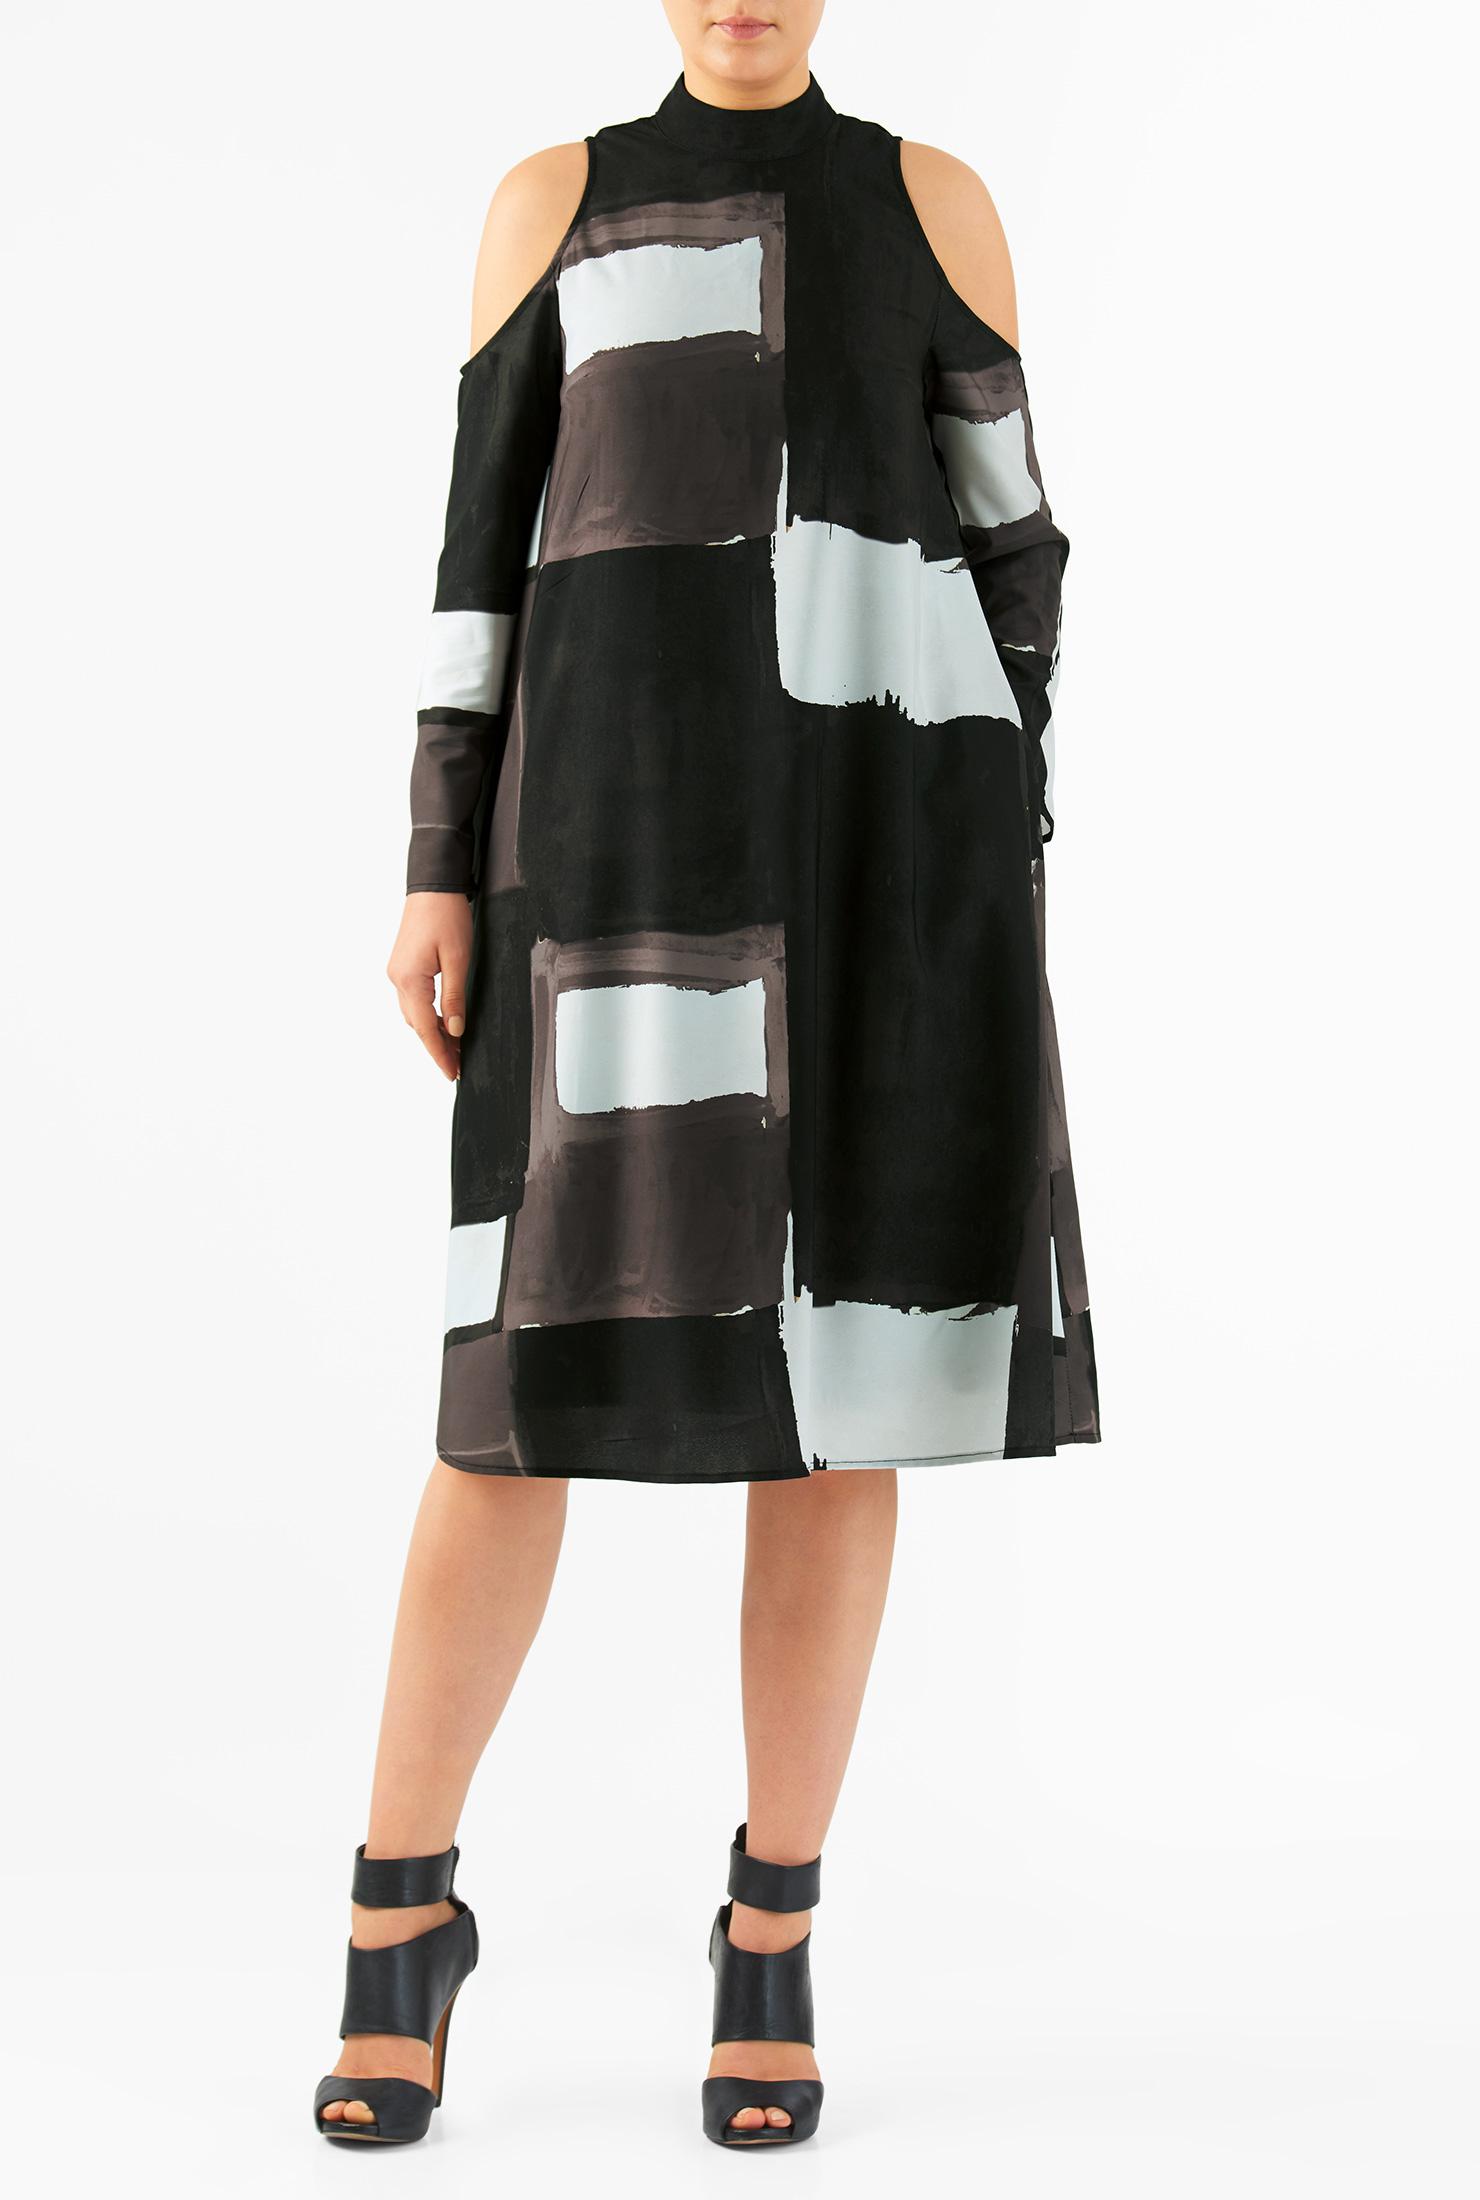 eShakti Women's Cold shoulder graphic print crepe shift dress CL0050917